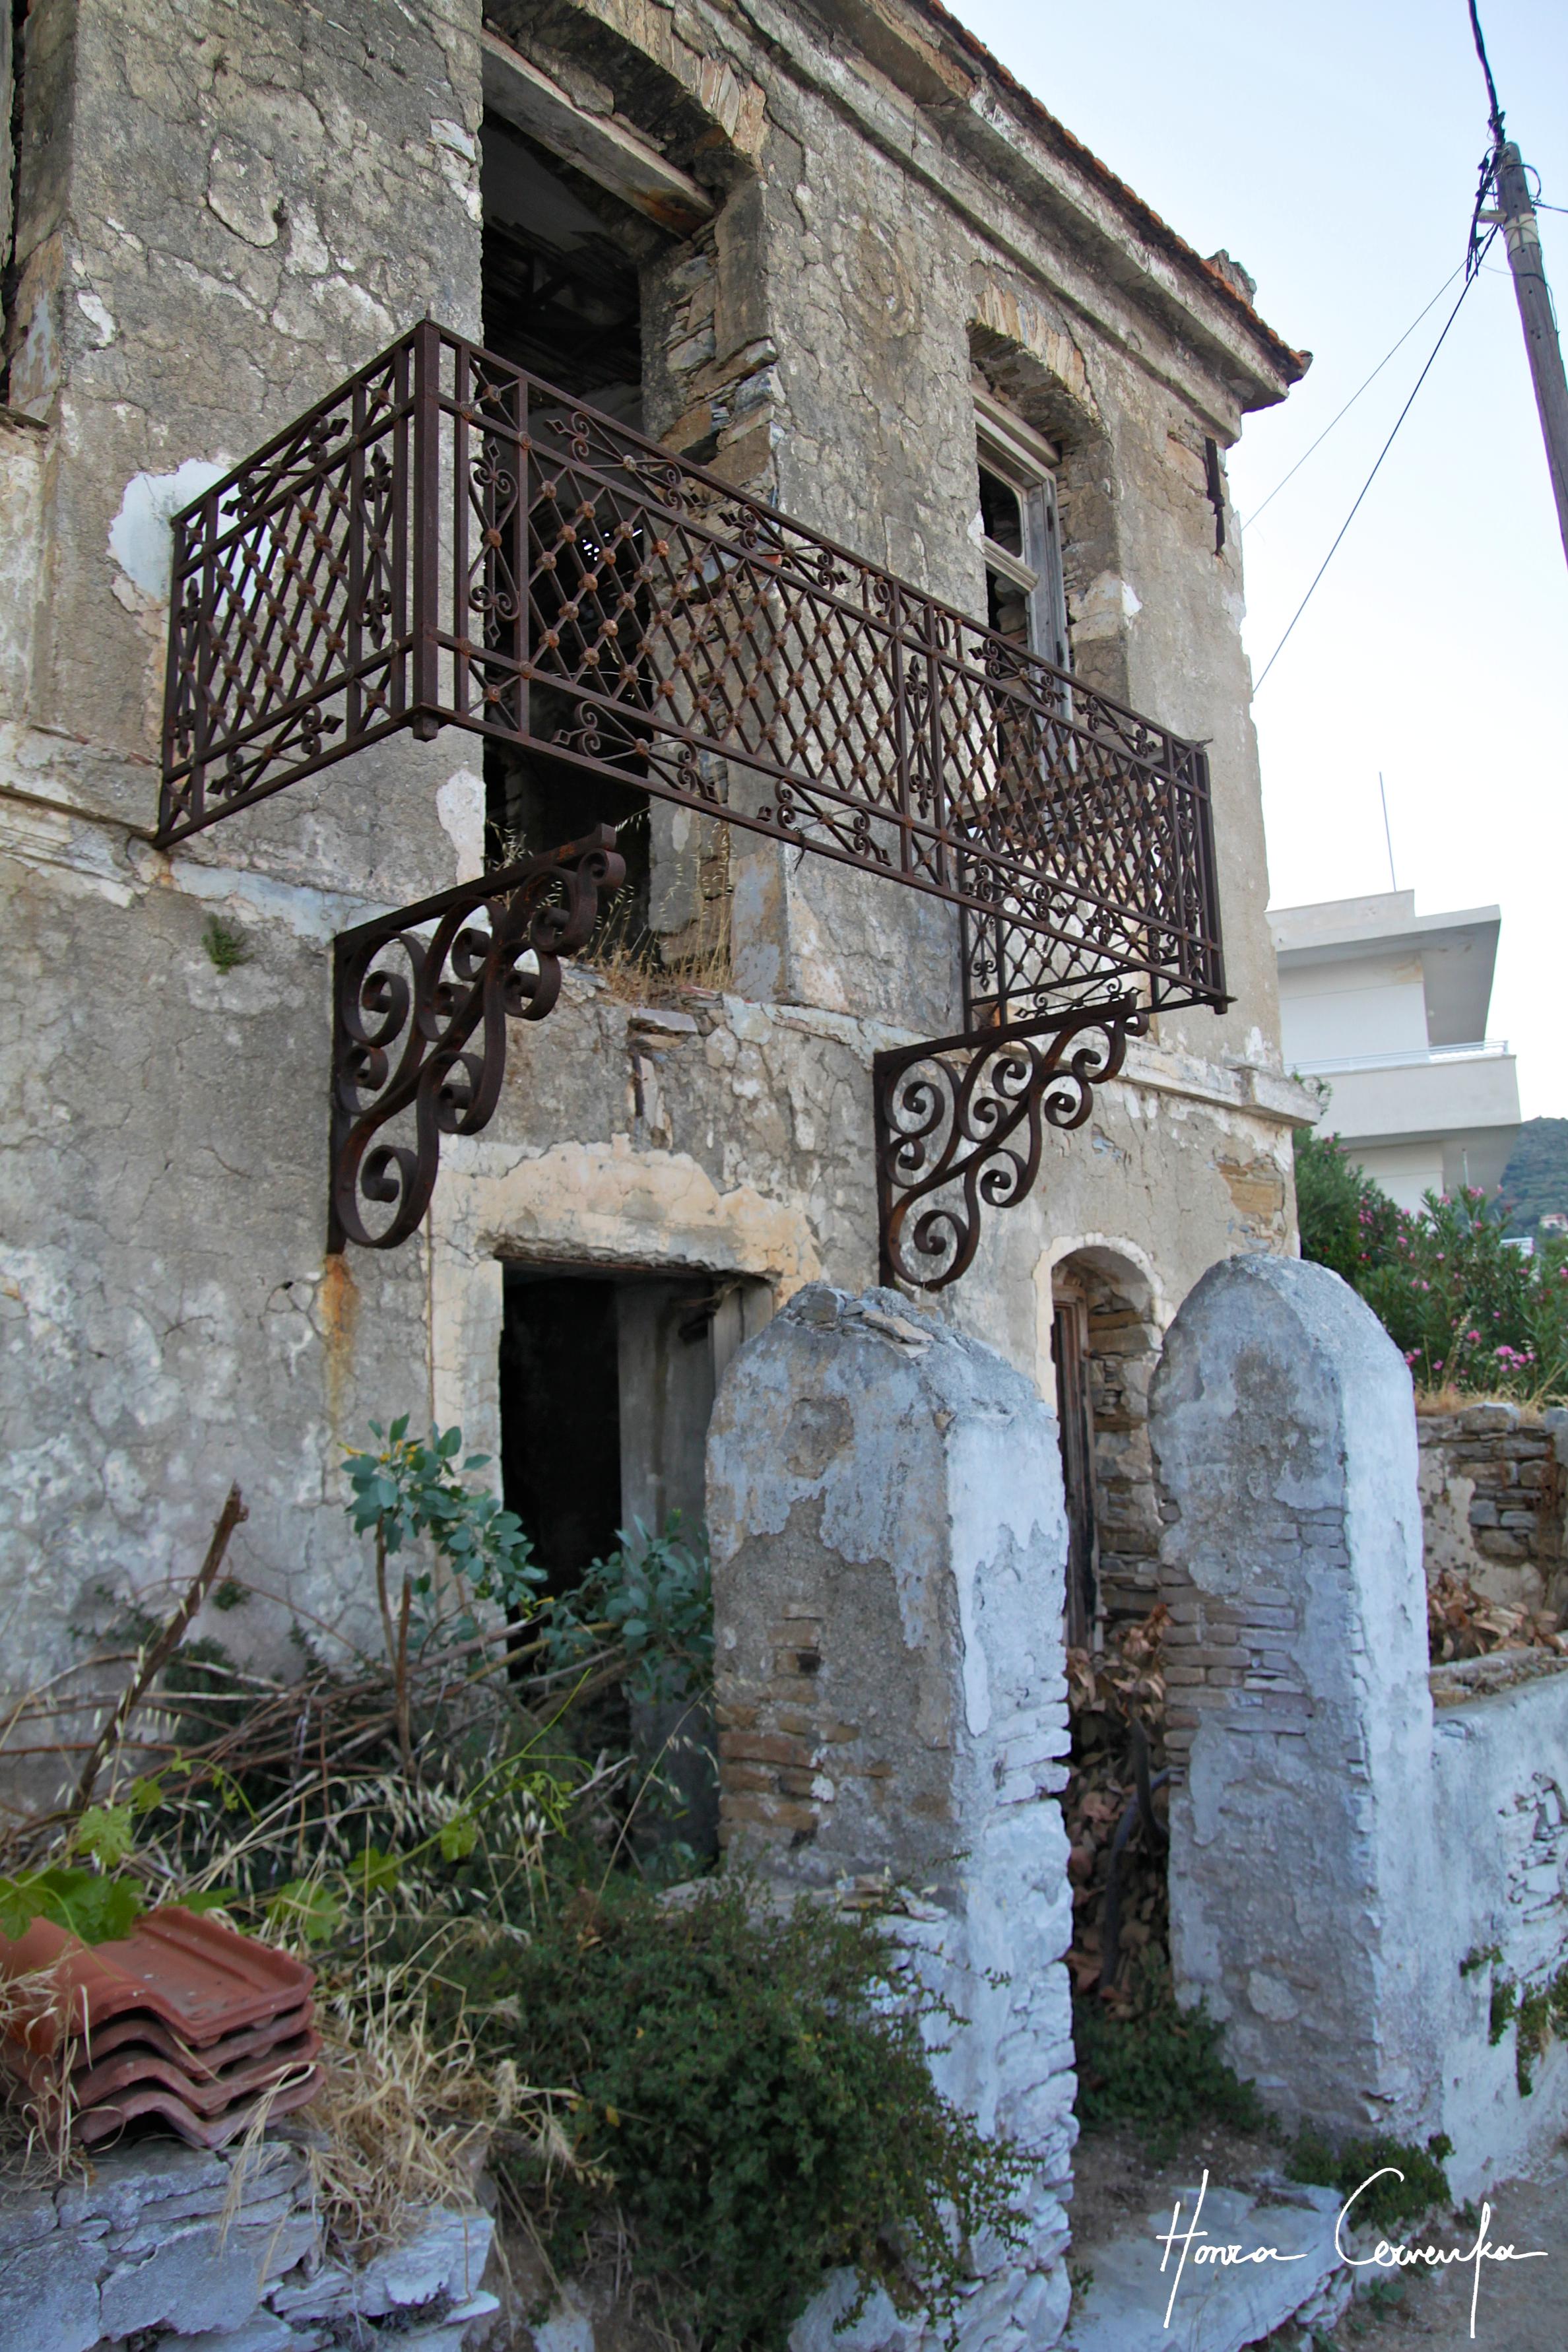 """""""O Romeo, Romeo! wherefore art thou Romeo?"""" she said as she fell through the balcony."""